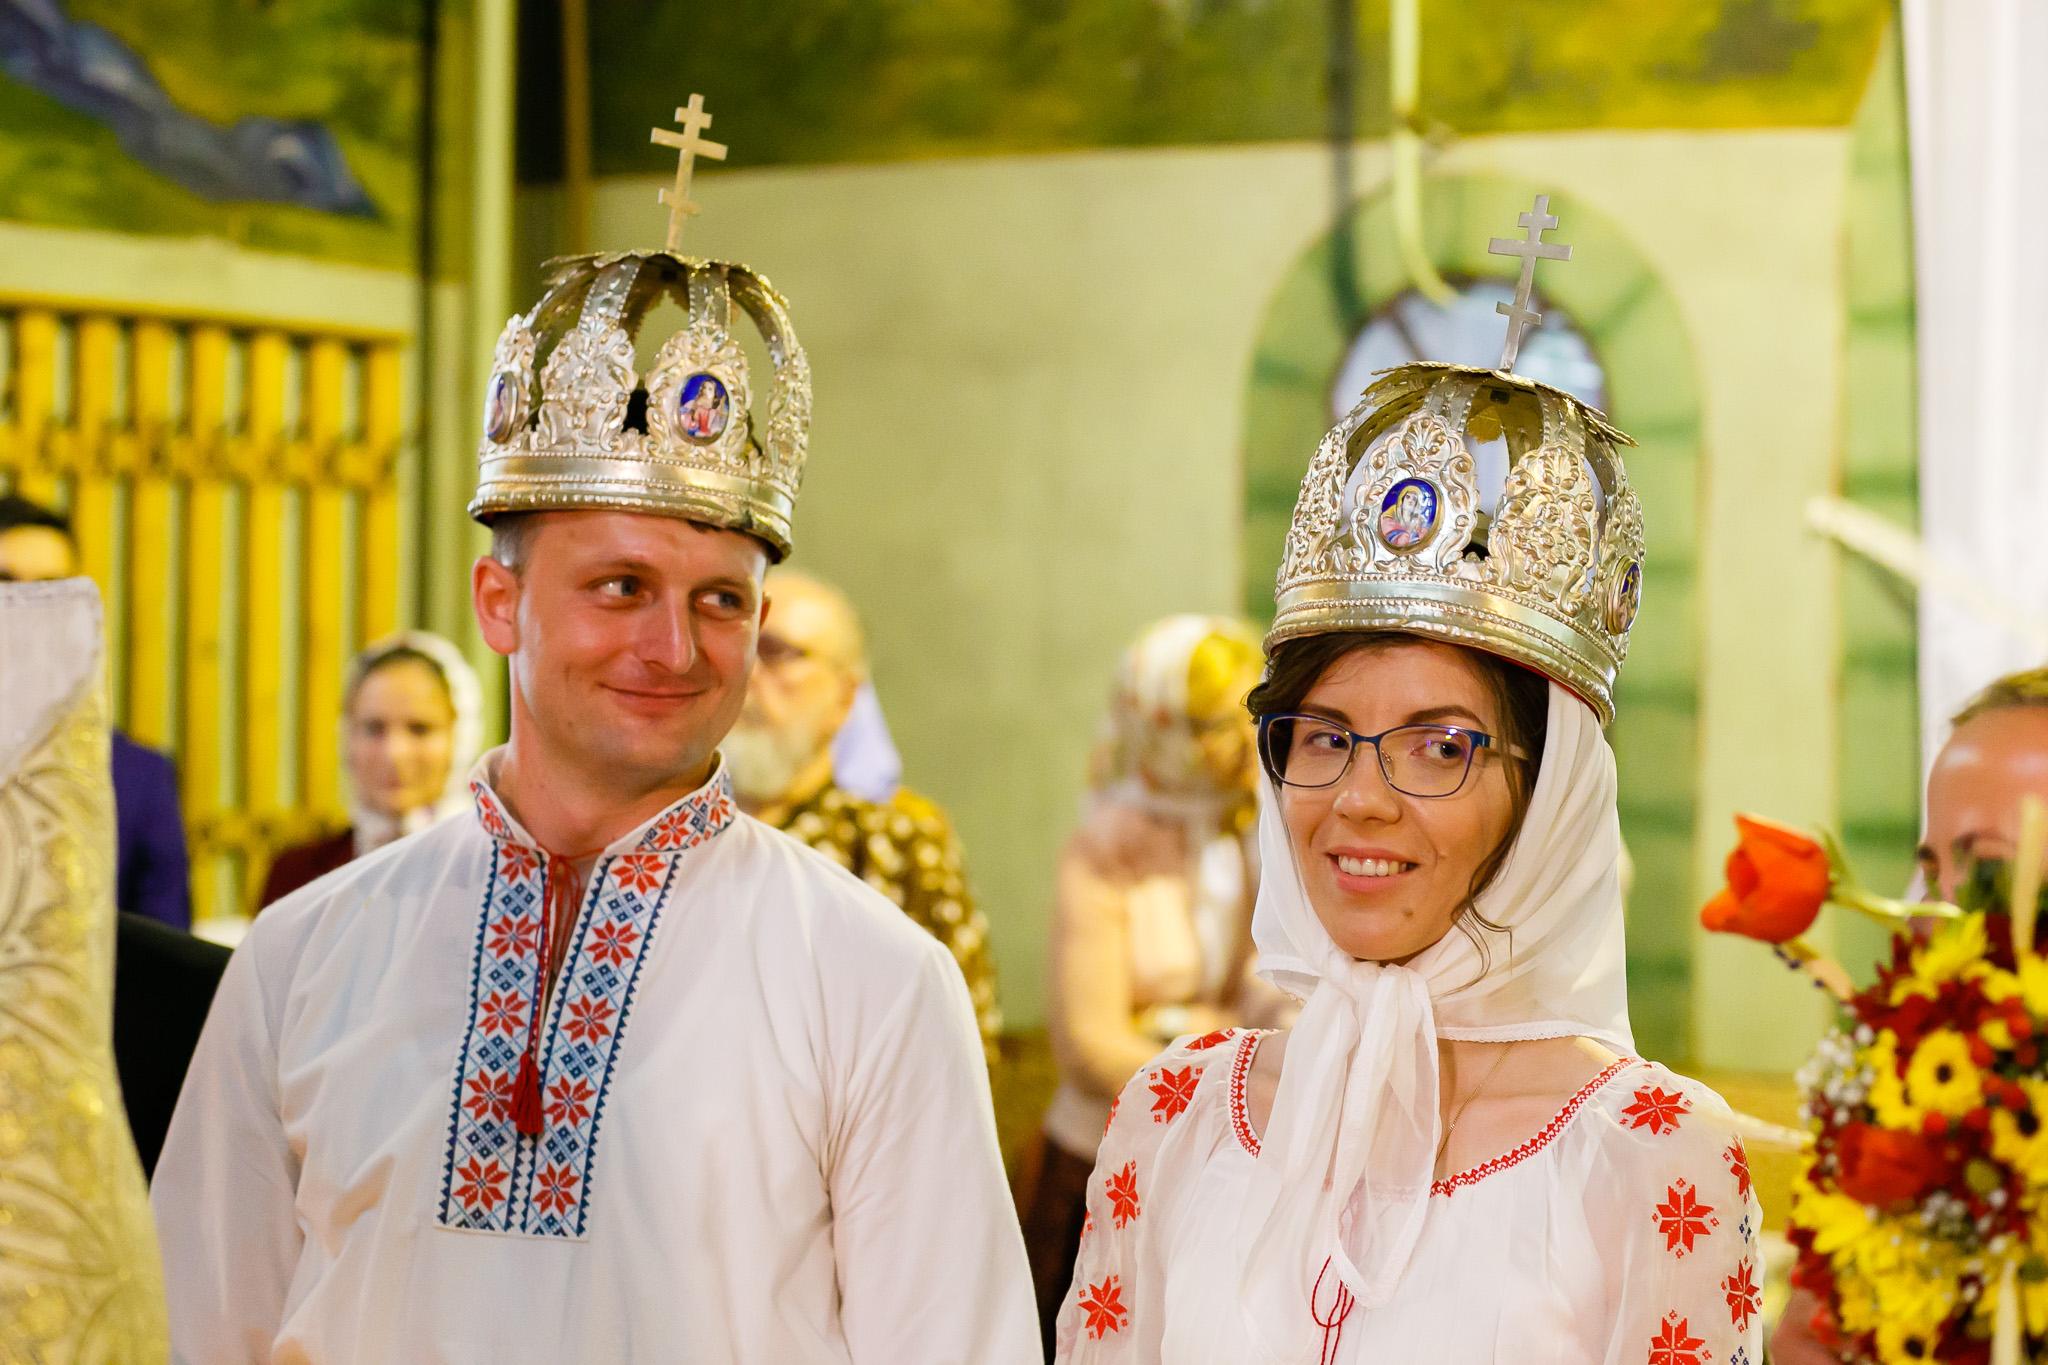 Nuntă tradițională Elisabeta și Alexandru fotograf profesionist nunta Iasi www.paulpadurariu.ro © 2018 Paul Padurariu fotograf de nunta Iasi cununia religioasa 3